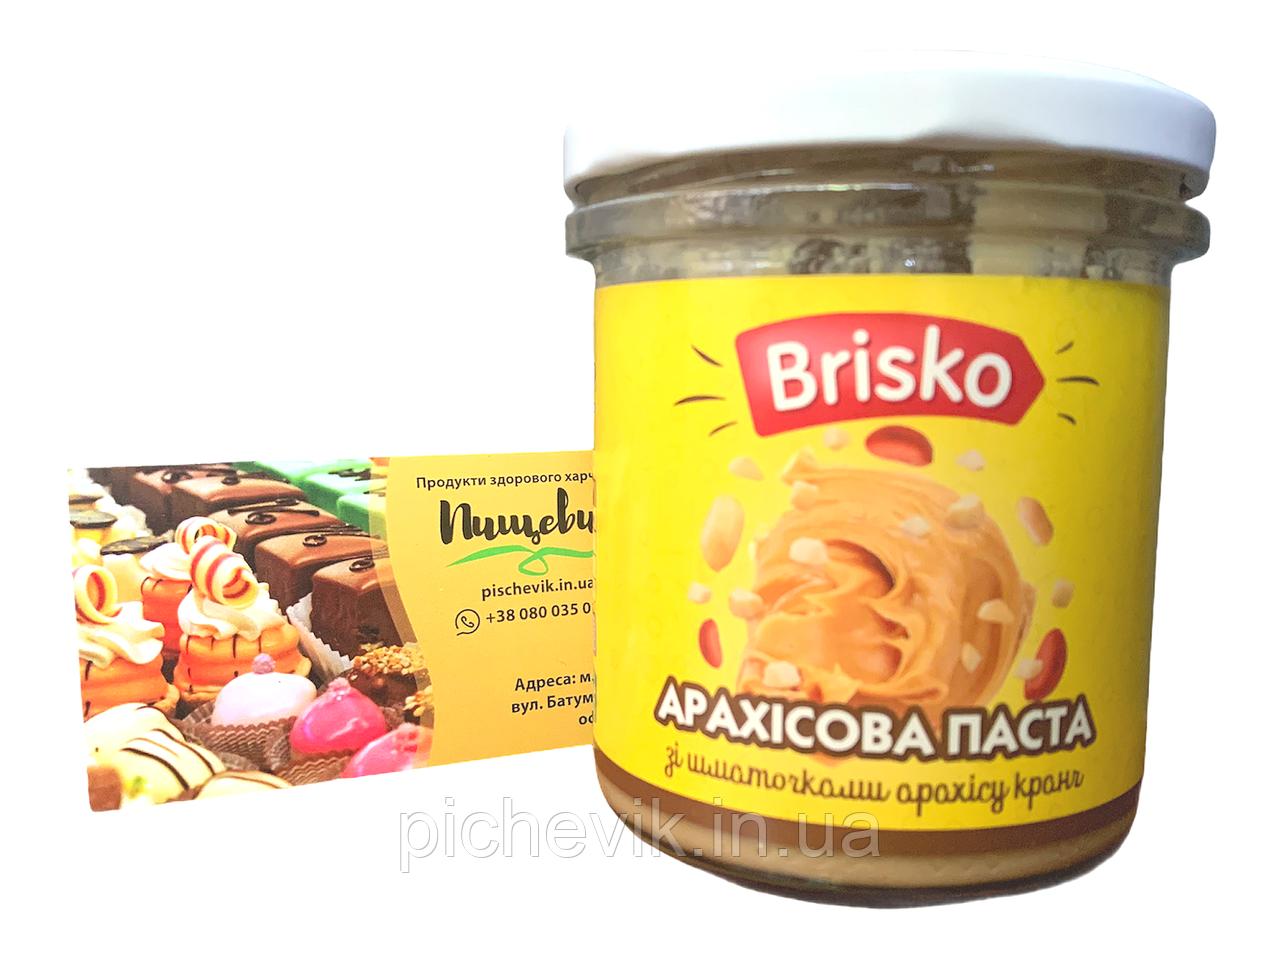 Арахисовая паста с кусочками арахиса ТМ Brisko (Украина)Вес:1 кг